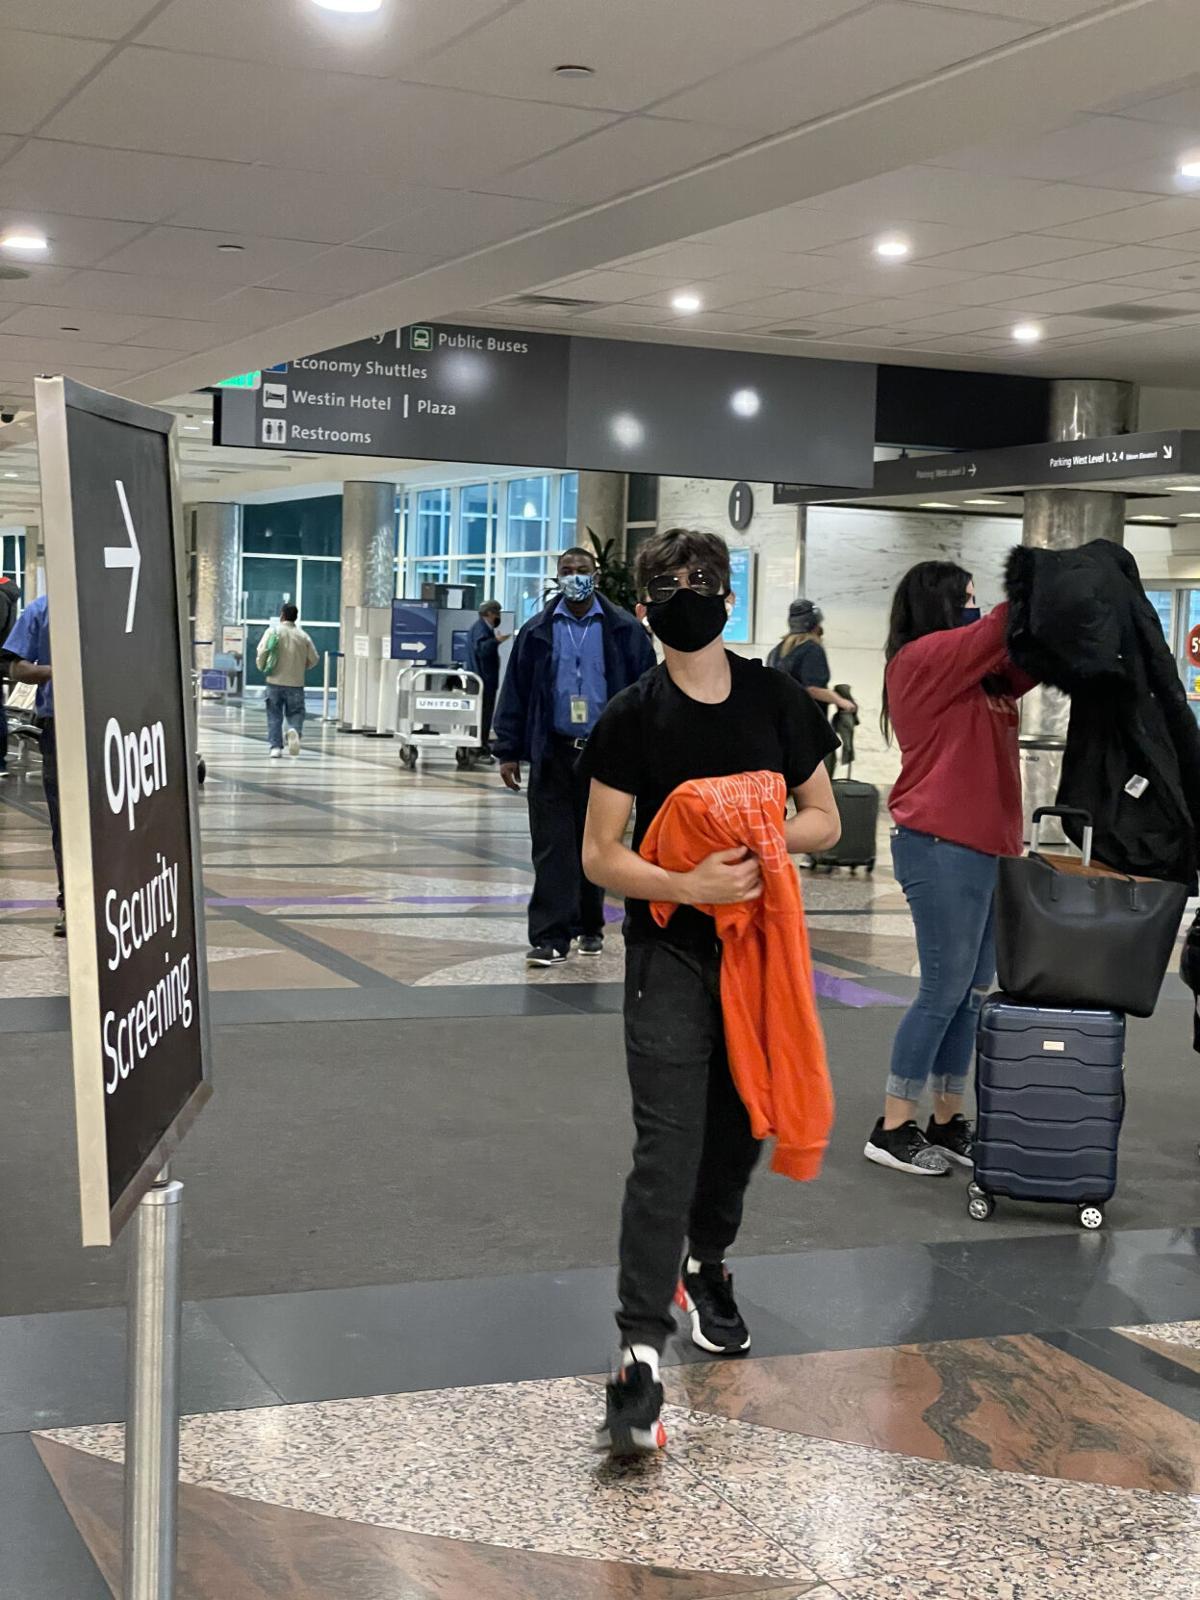 bieber at airport